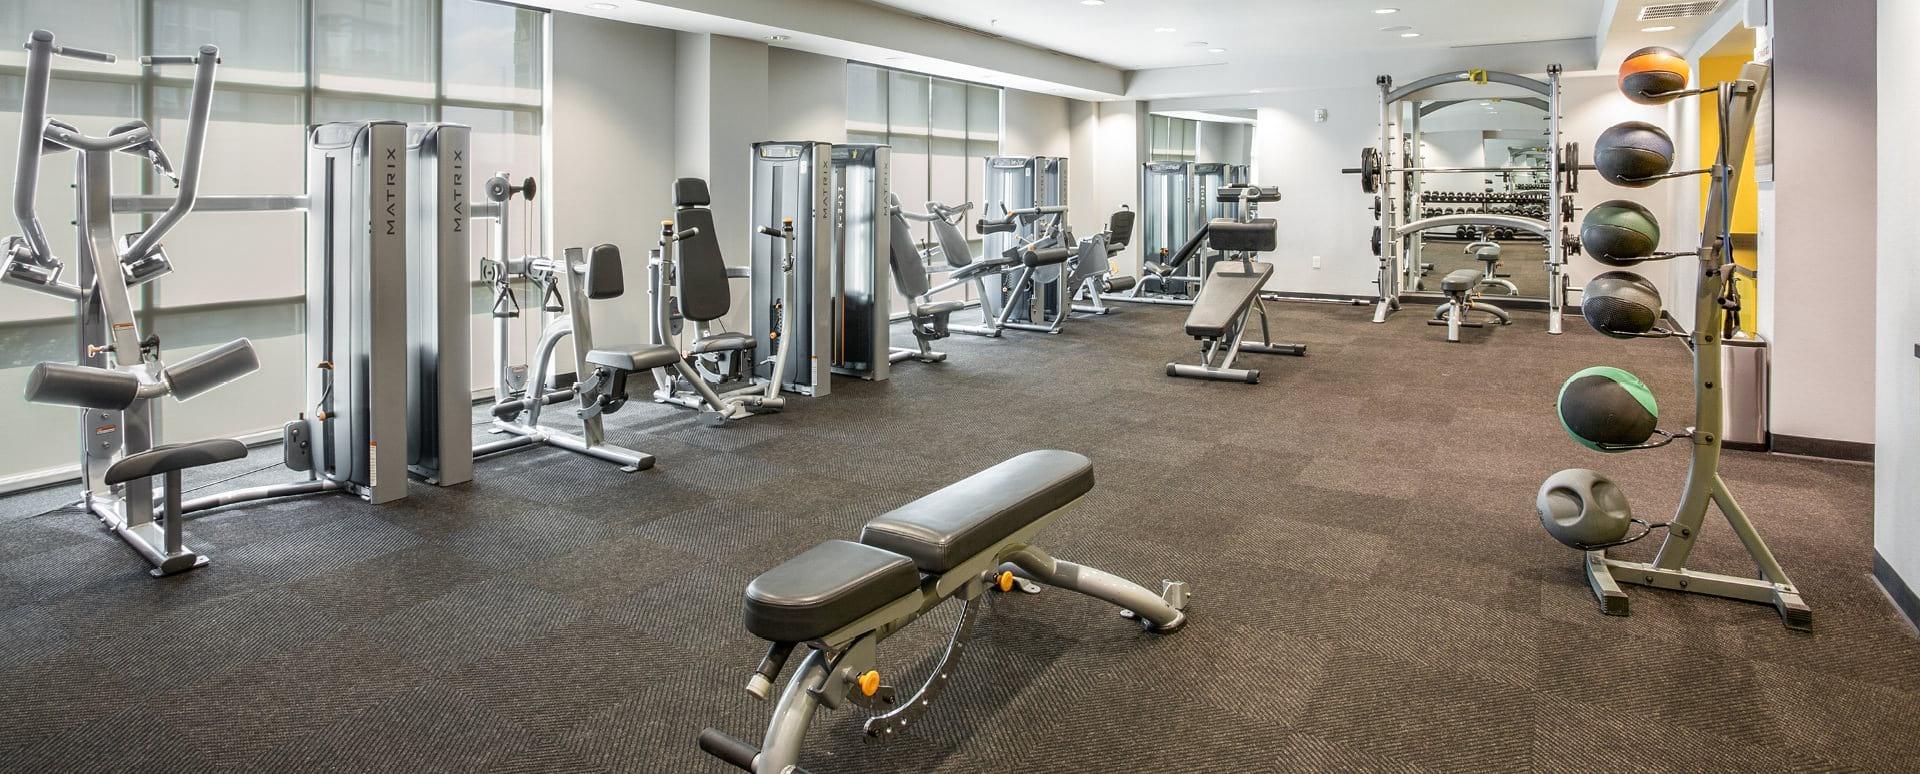 Apartments Gym at Cortland Oak Lawn